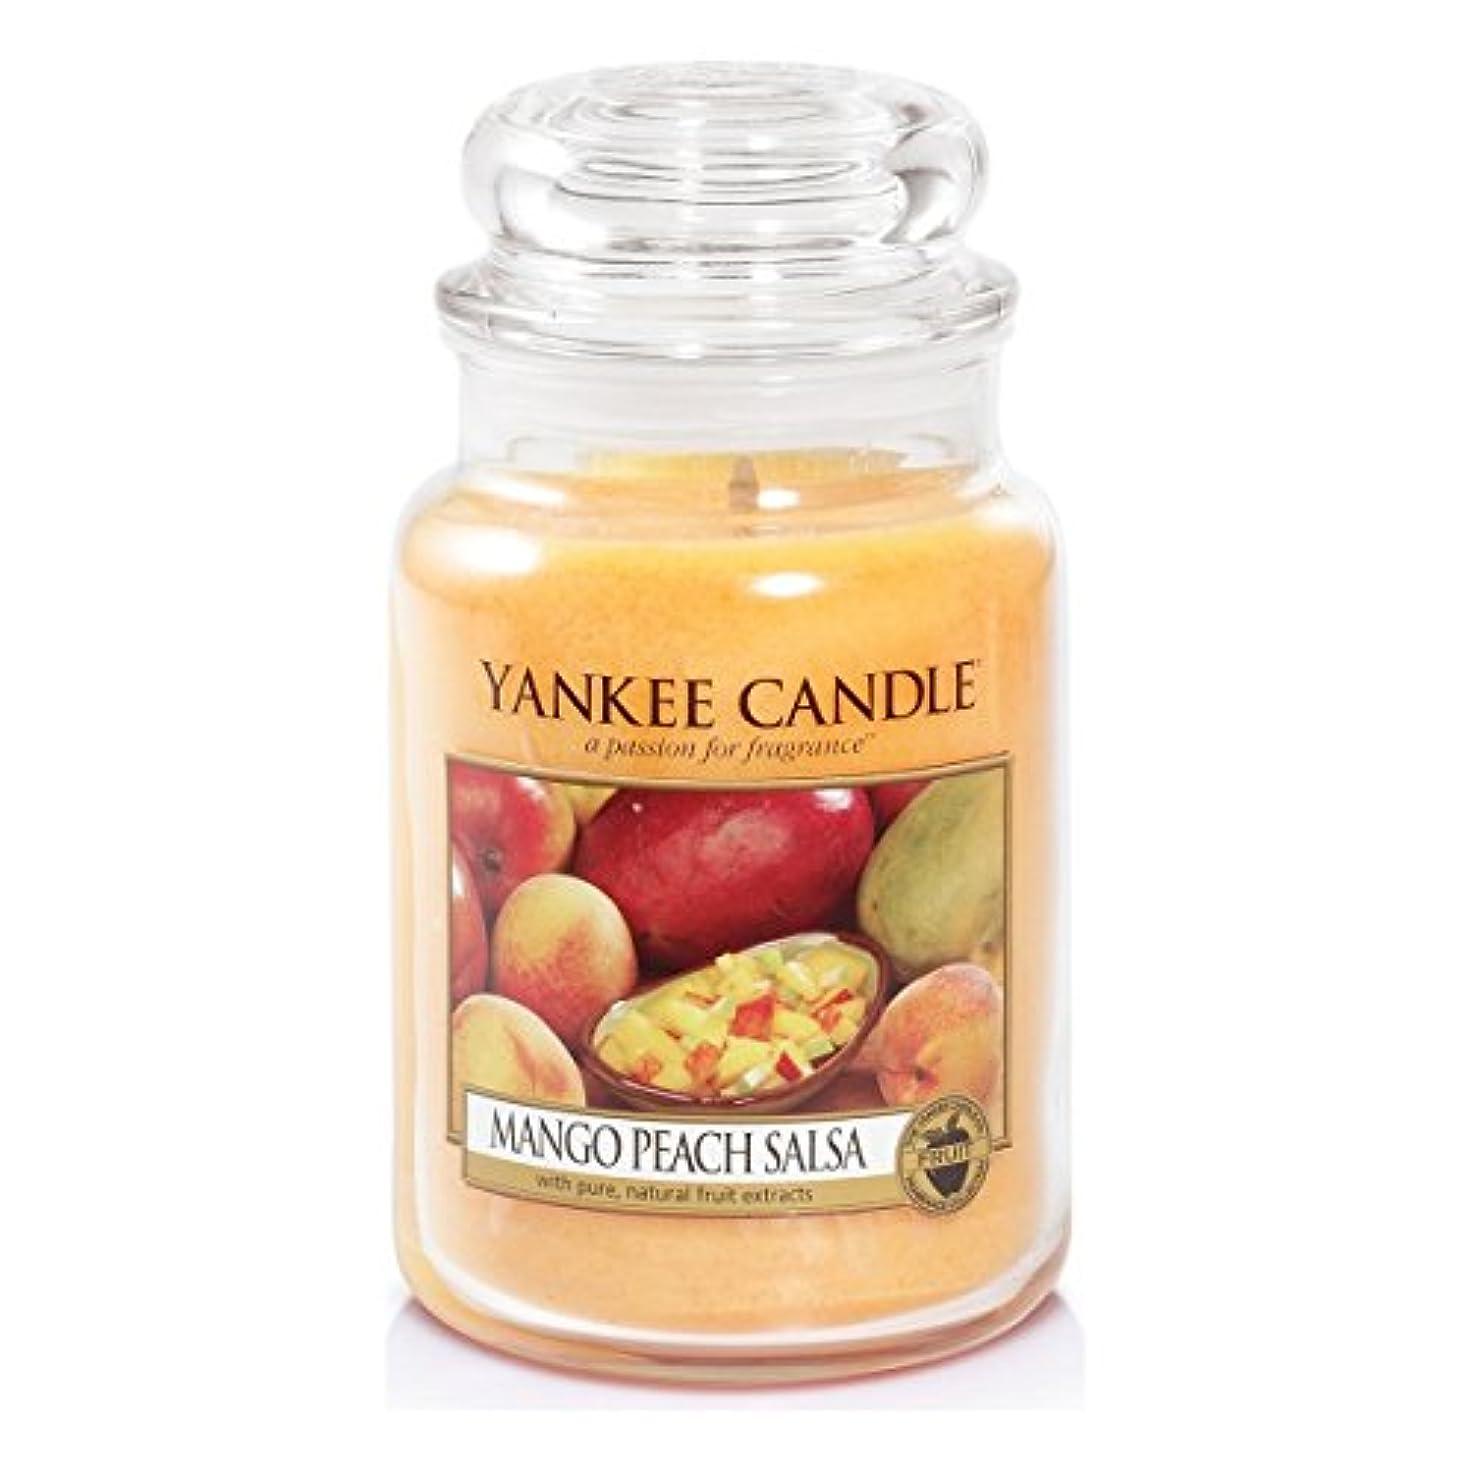 確実類似性ようこそYankee Candle Large Jar Candle, Mango Peach Salsa by Yankee Candle